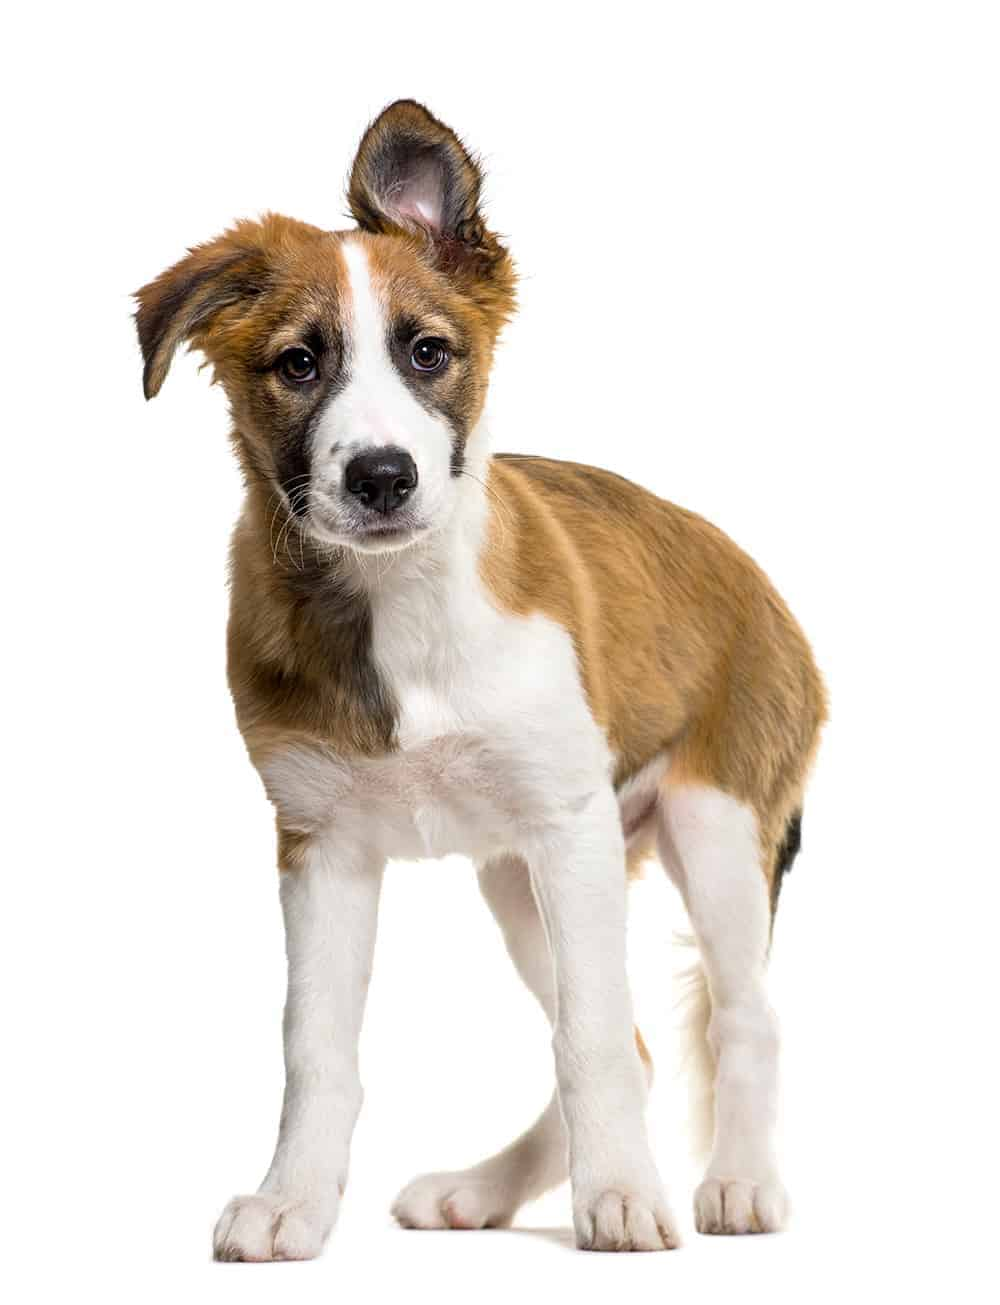 Imię i przydomek psa rasowego